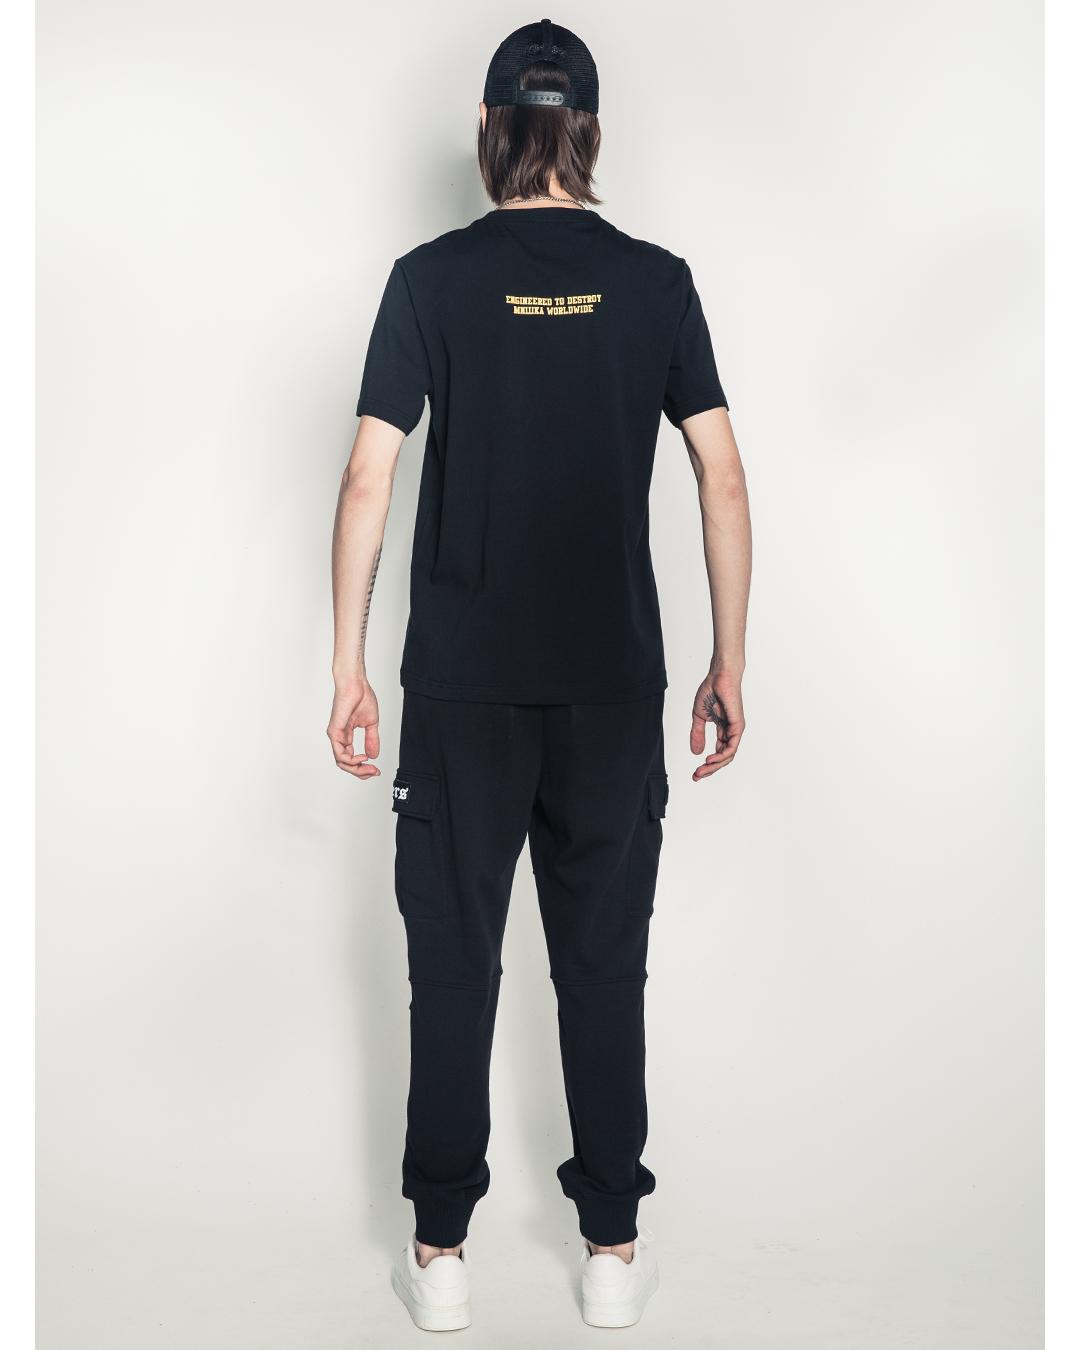 Dead Aim Keep Watch T-Shirt (Black)